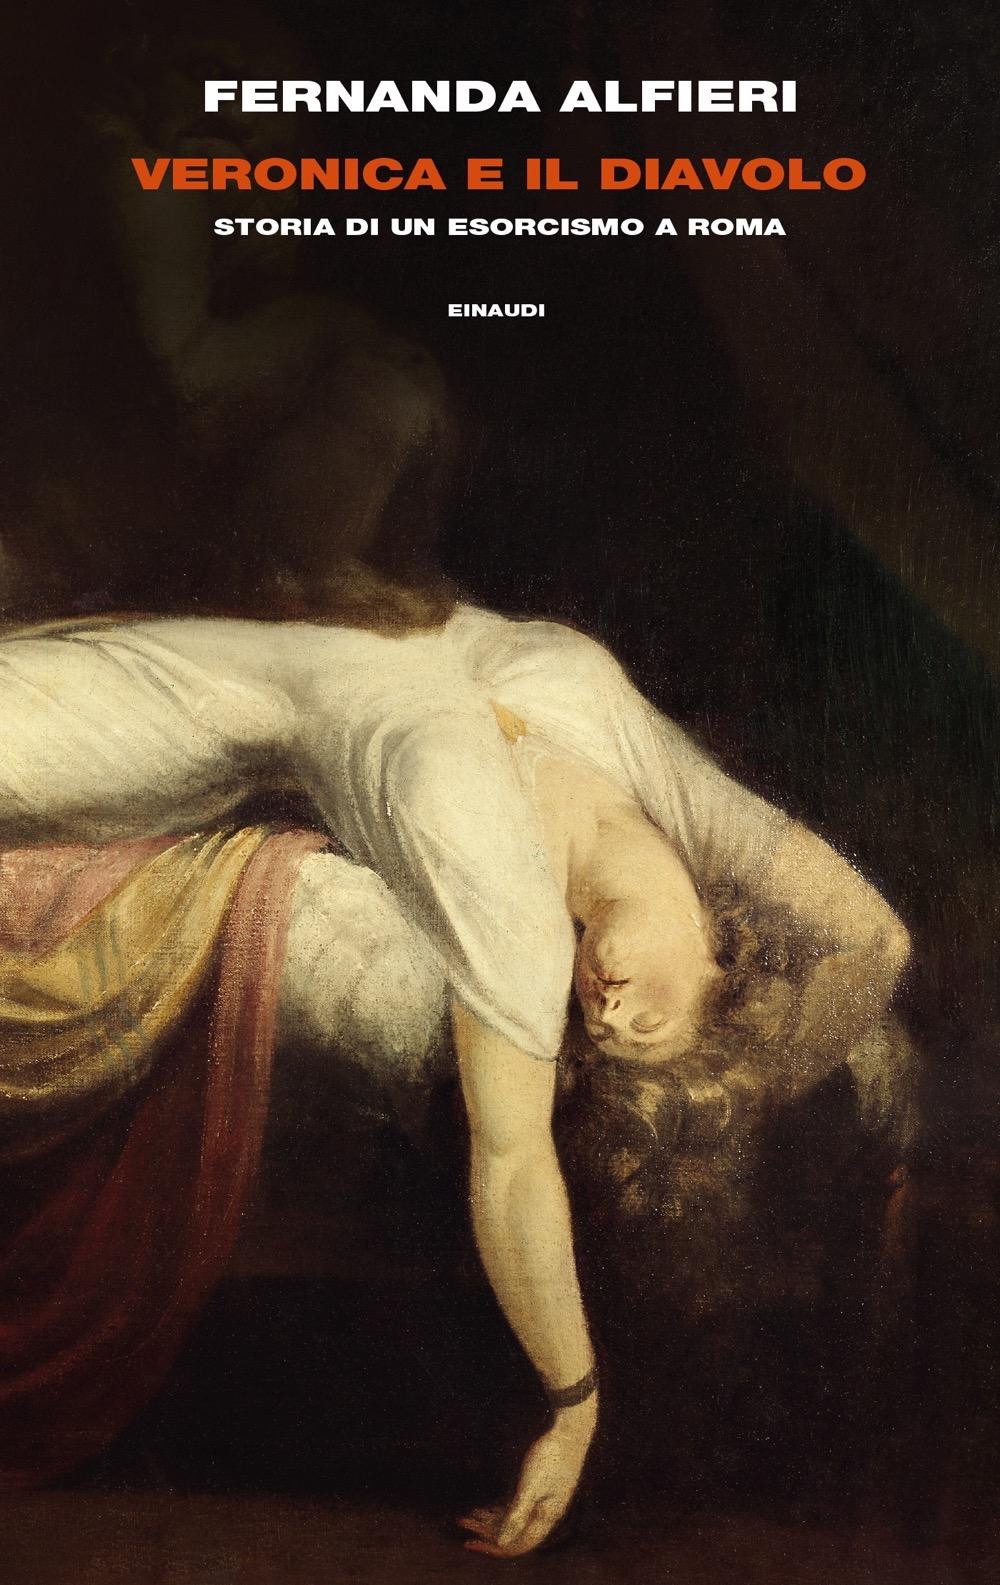 Veronica e il diavolo, Fernanda Alfieri. Giulio Einaudi Editore - Frontiere